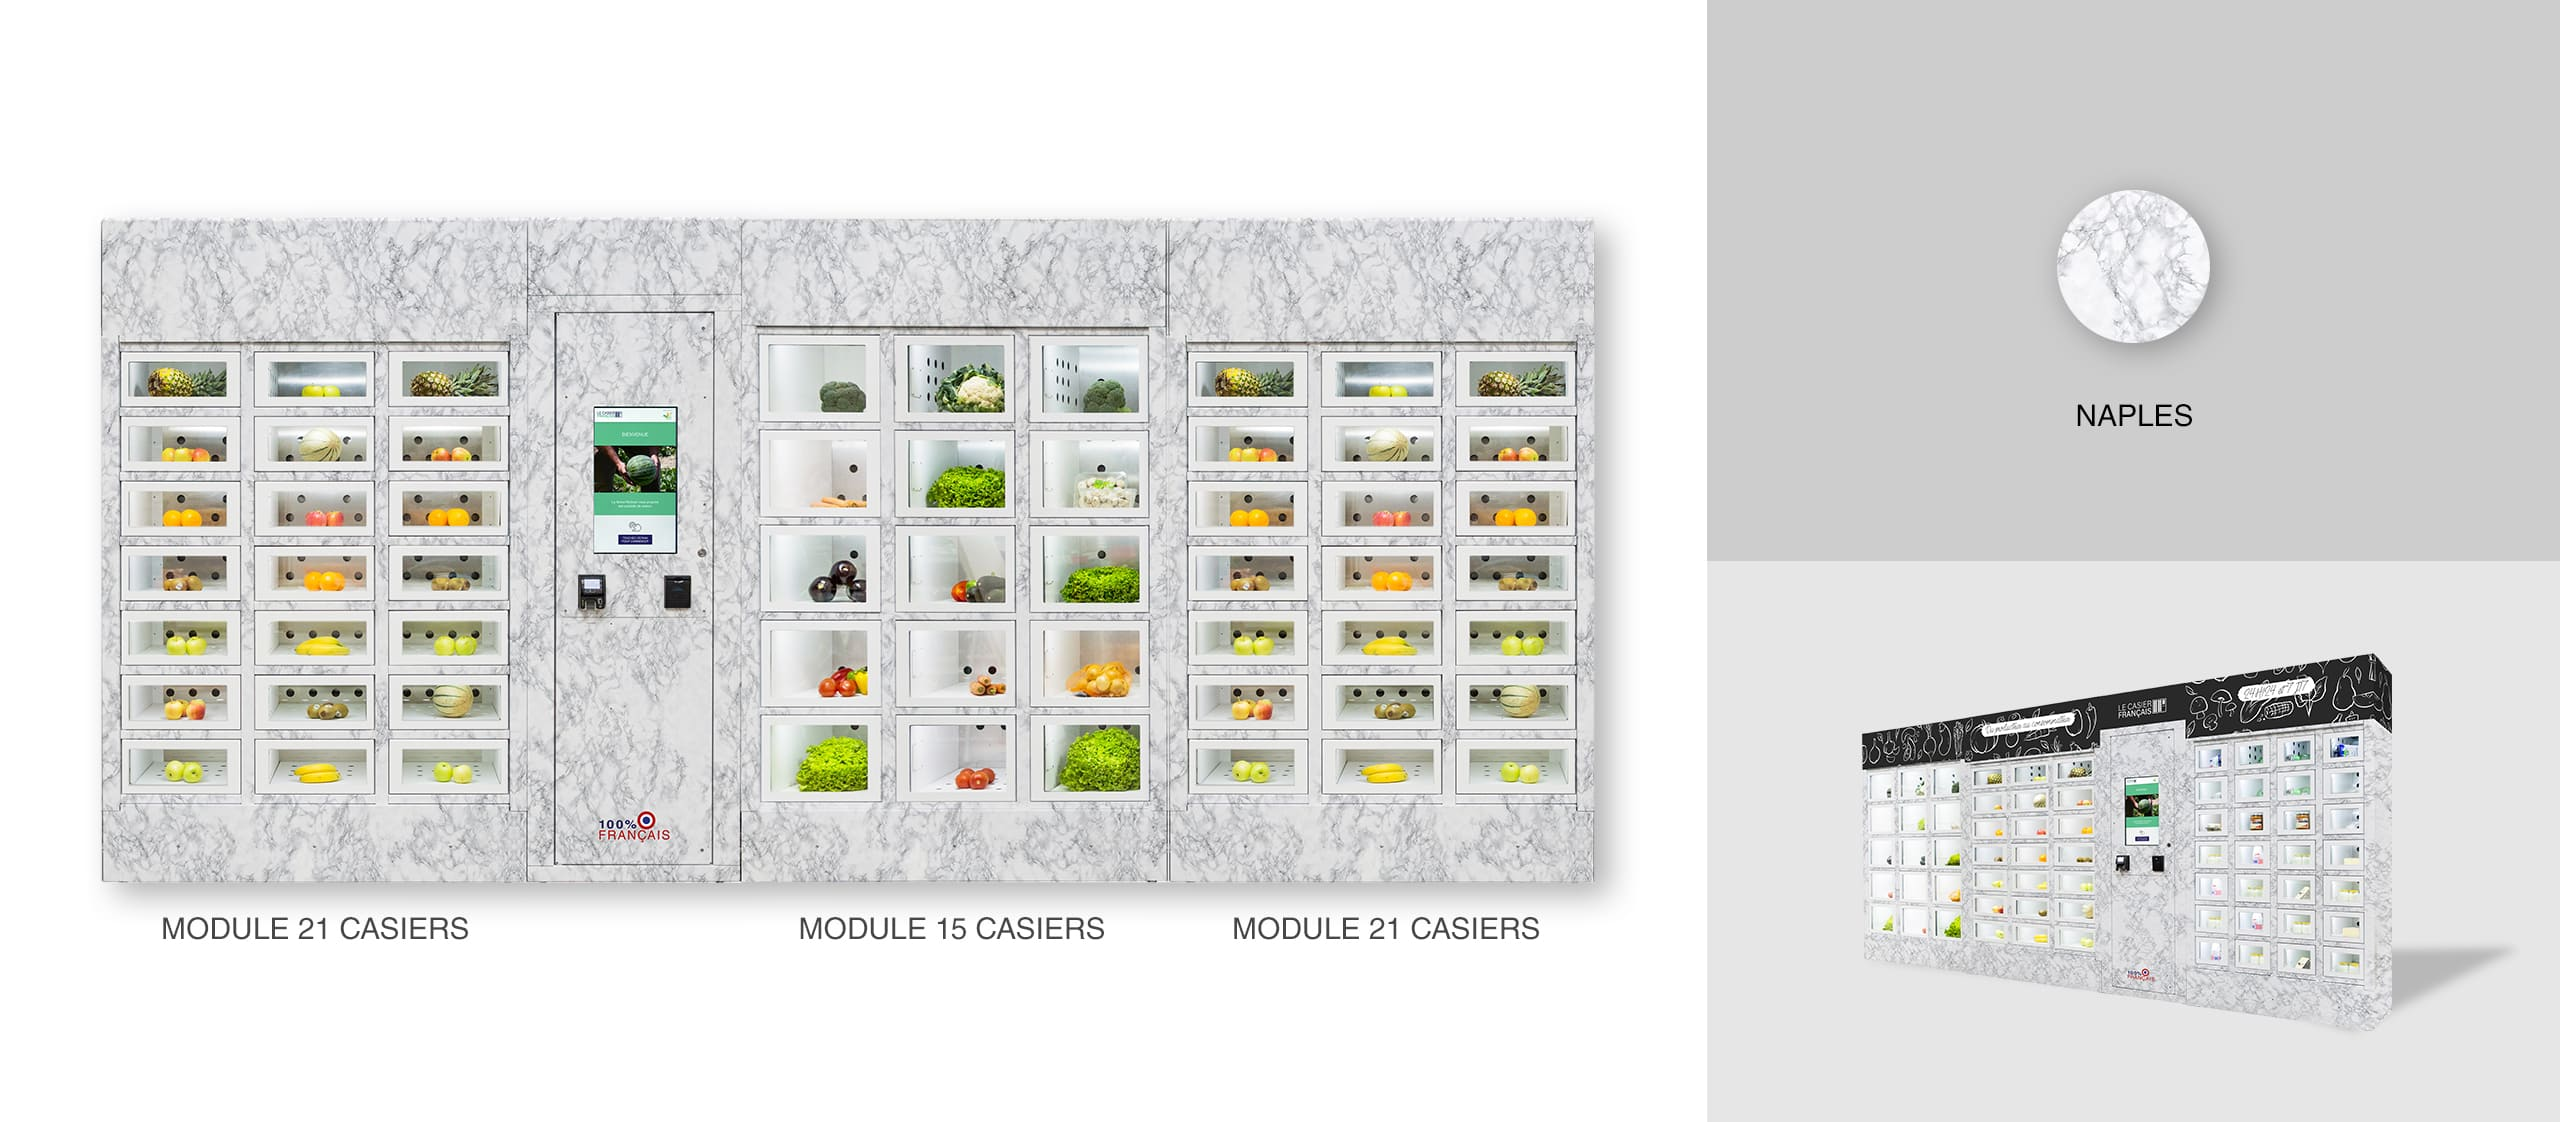 Habillage Naples d'un distributeur automatique Le Casier Français